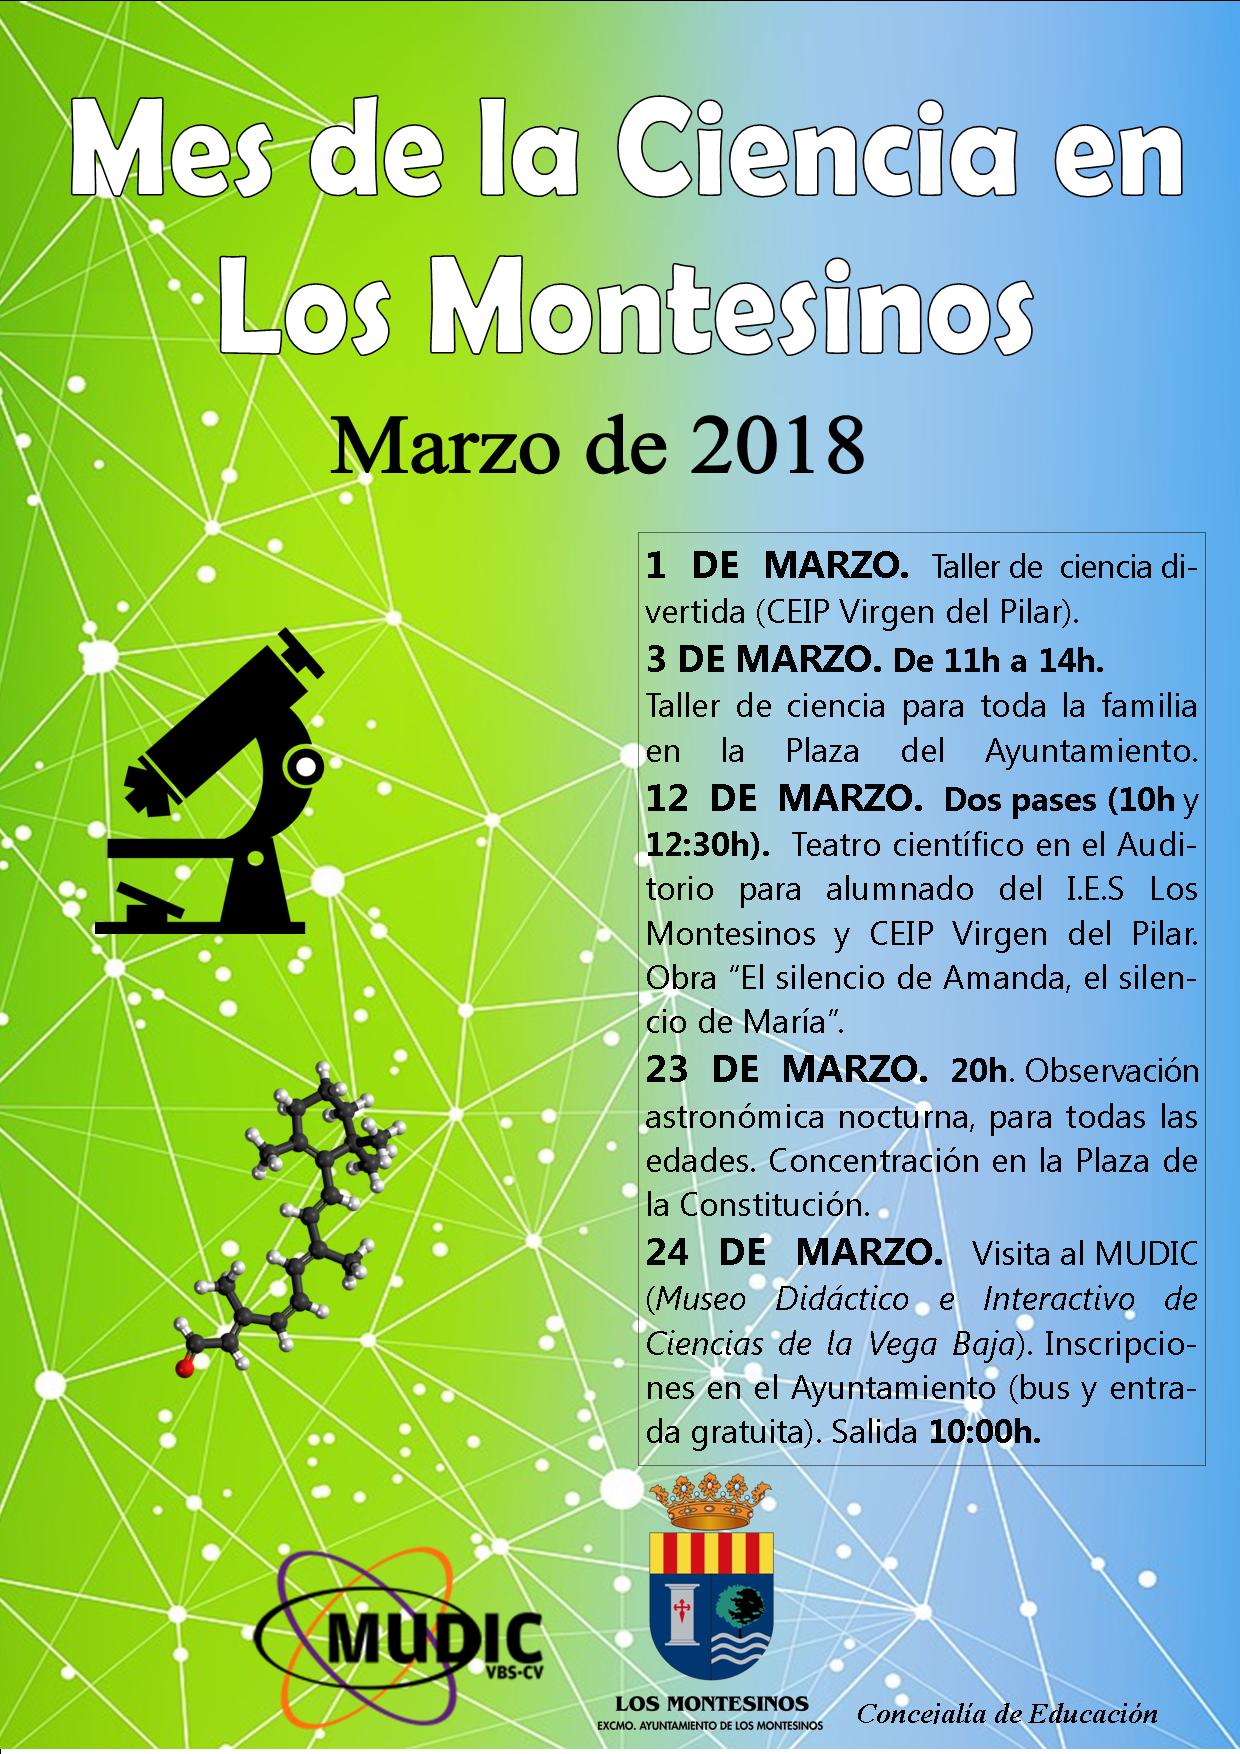 Marzo es el mes de LA CIENCIA en Los Montesinos